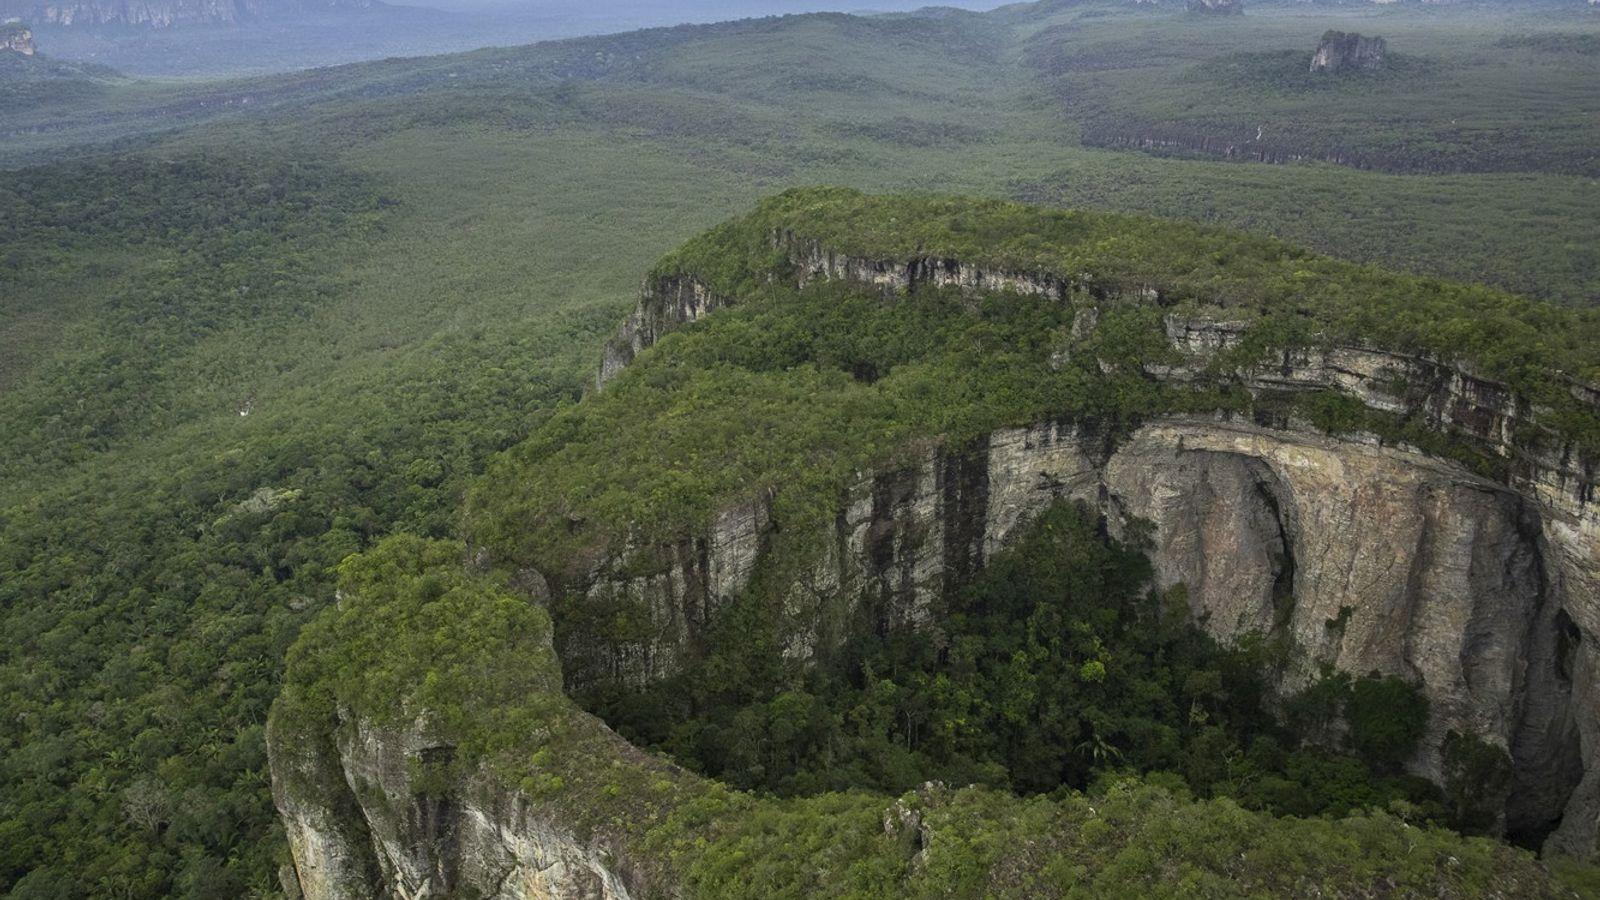 Dans le parc de Chiribiquete en Amazonie colombienne émergent des centaines de formations rocheuses, appelées tepuyes, ...